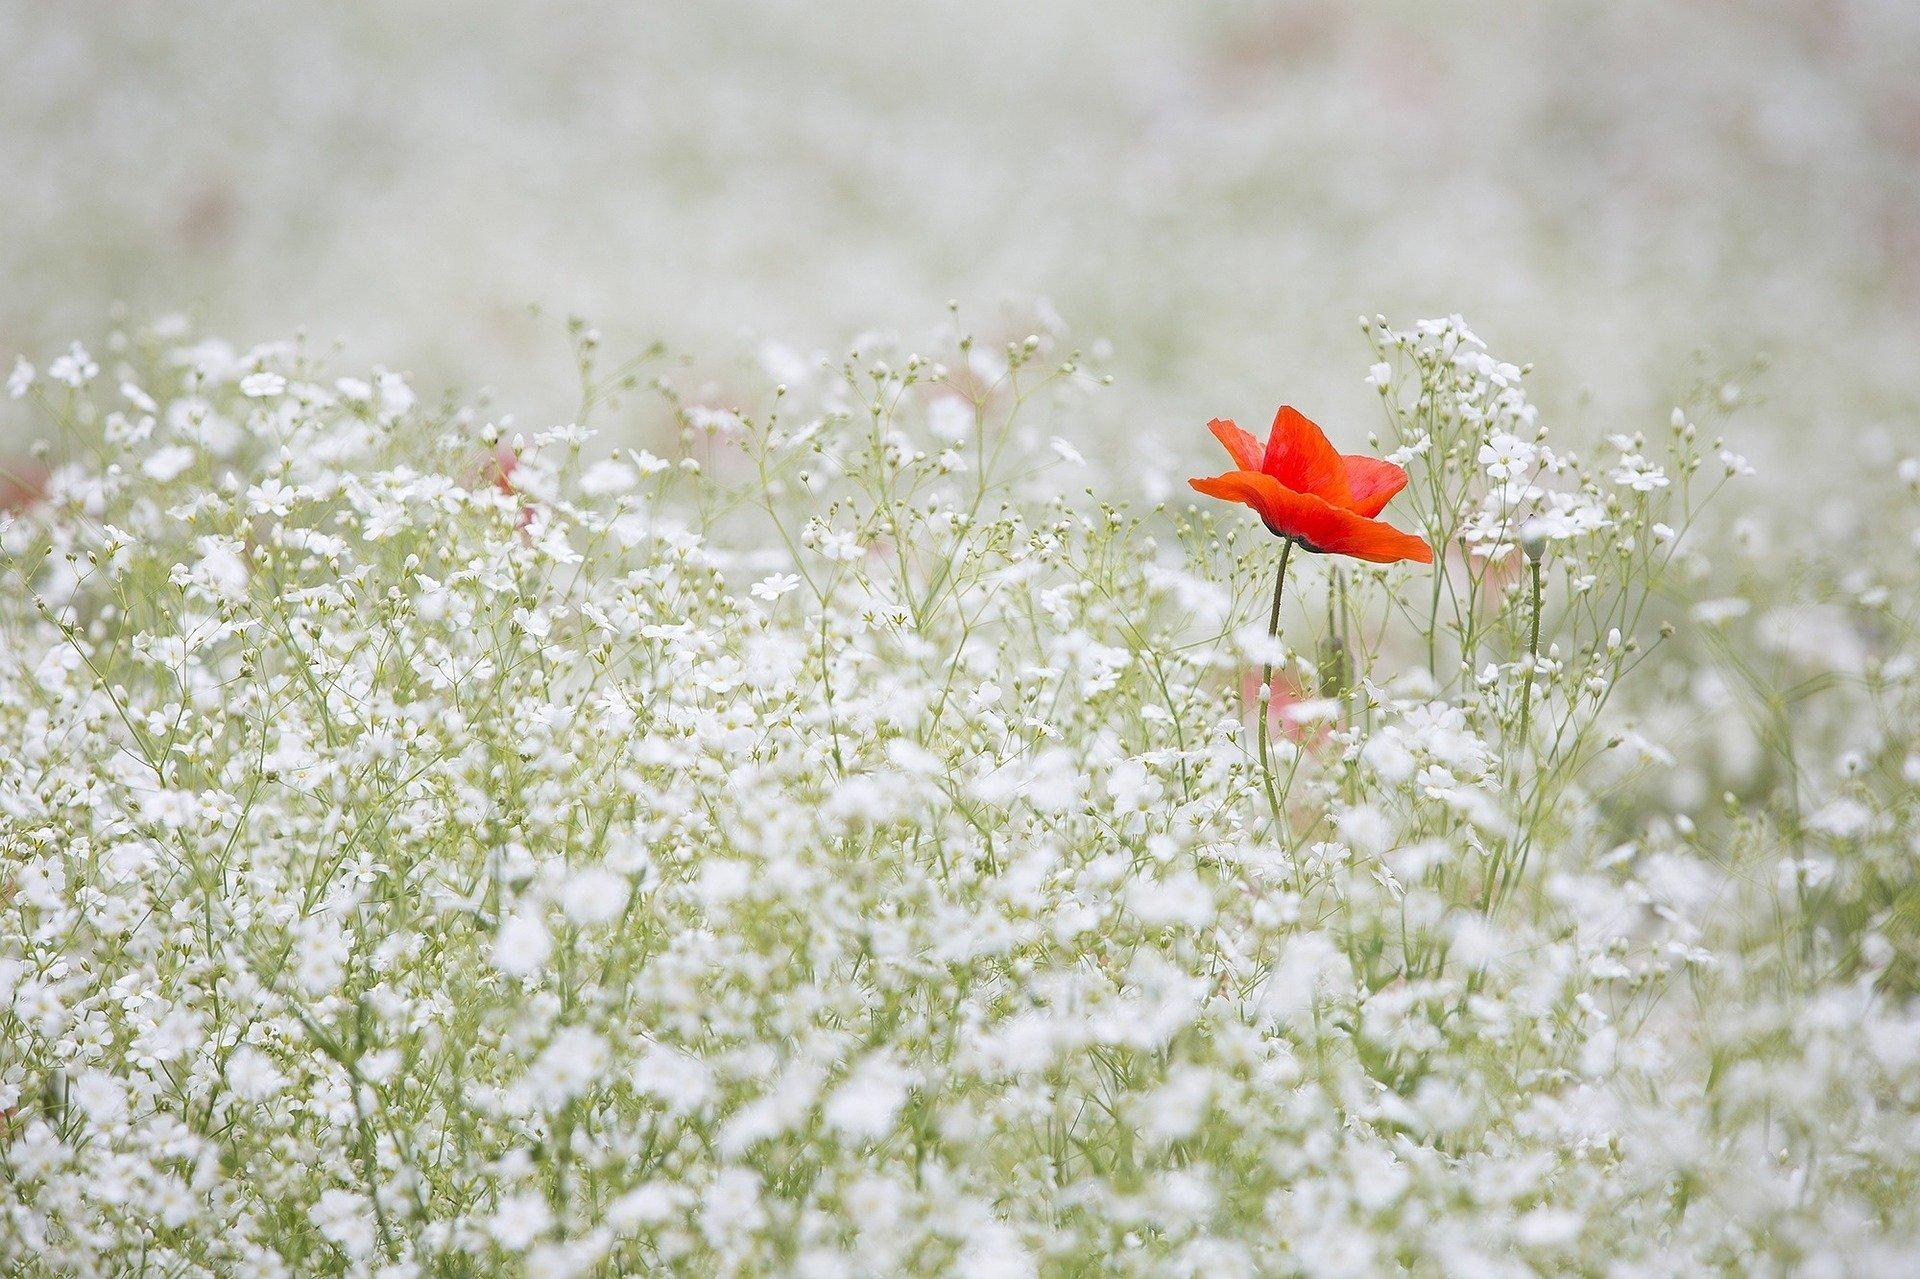 Un papavero in un campo di fiori chiari si distingue dalla massa. Ma se si cambia prospettiva, un papavero, può anche ricordare un momento particolare in una marea di ricordi, come avviene nei ricordi del professore ideato da Sergio Nelli in Ricrescite